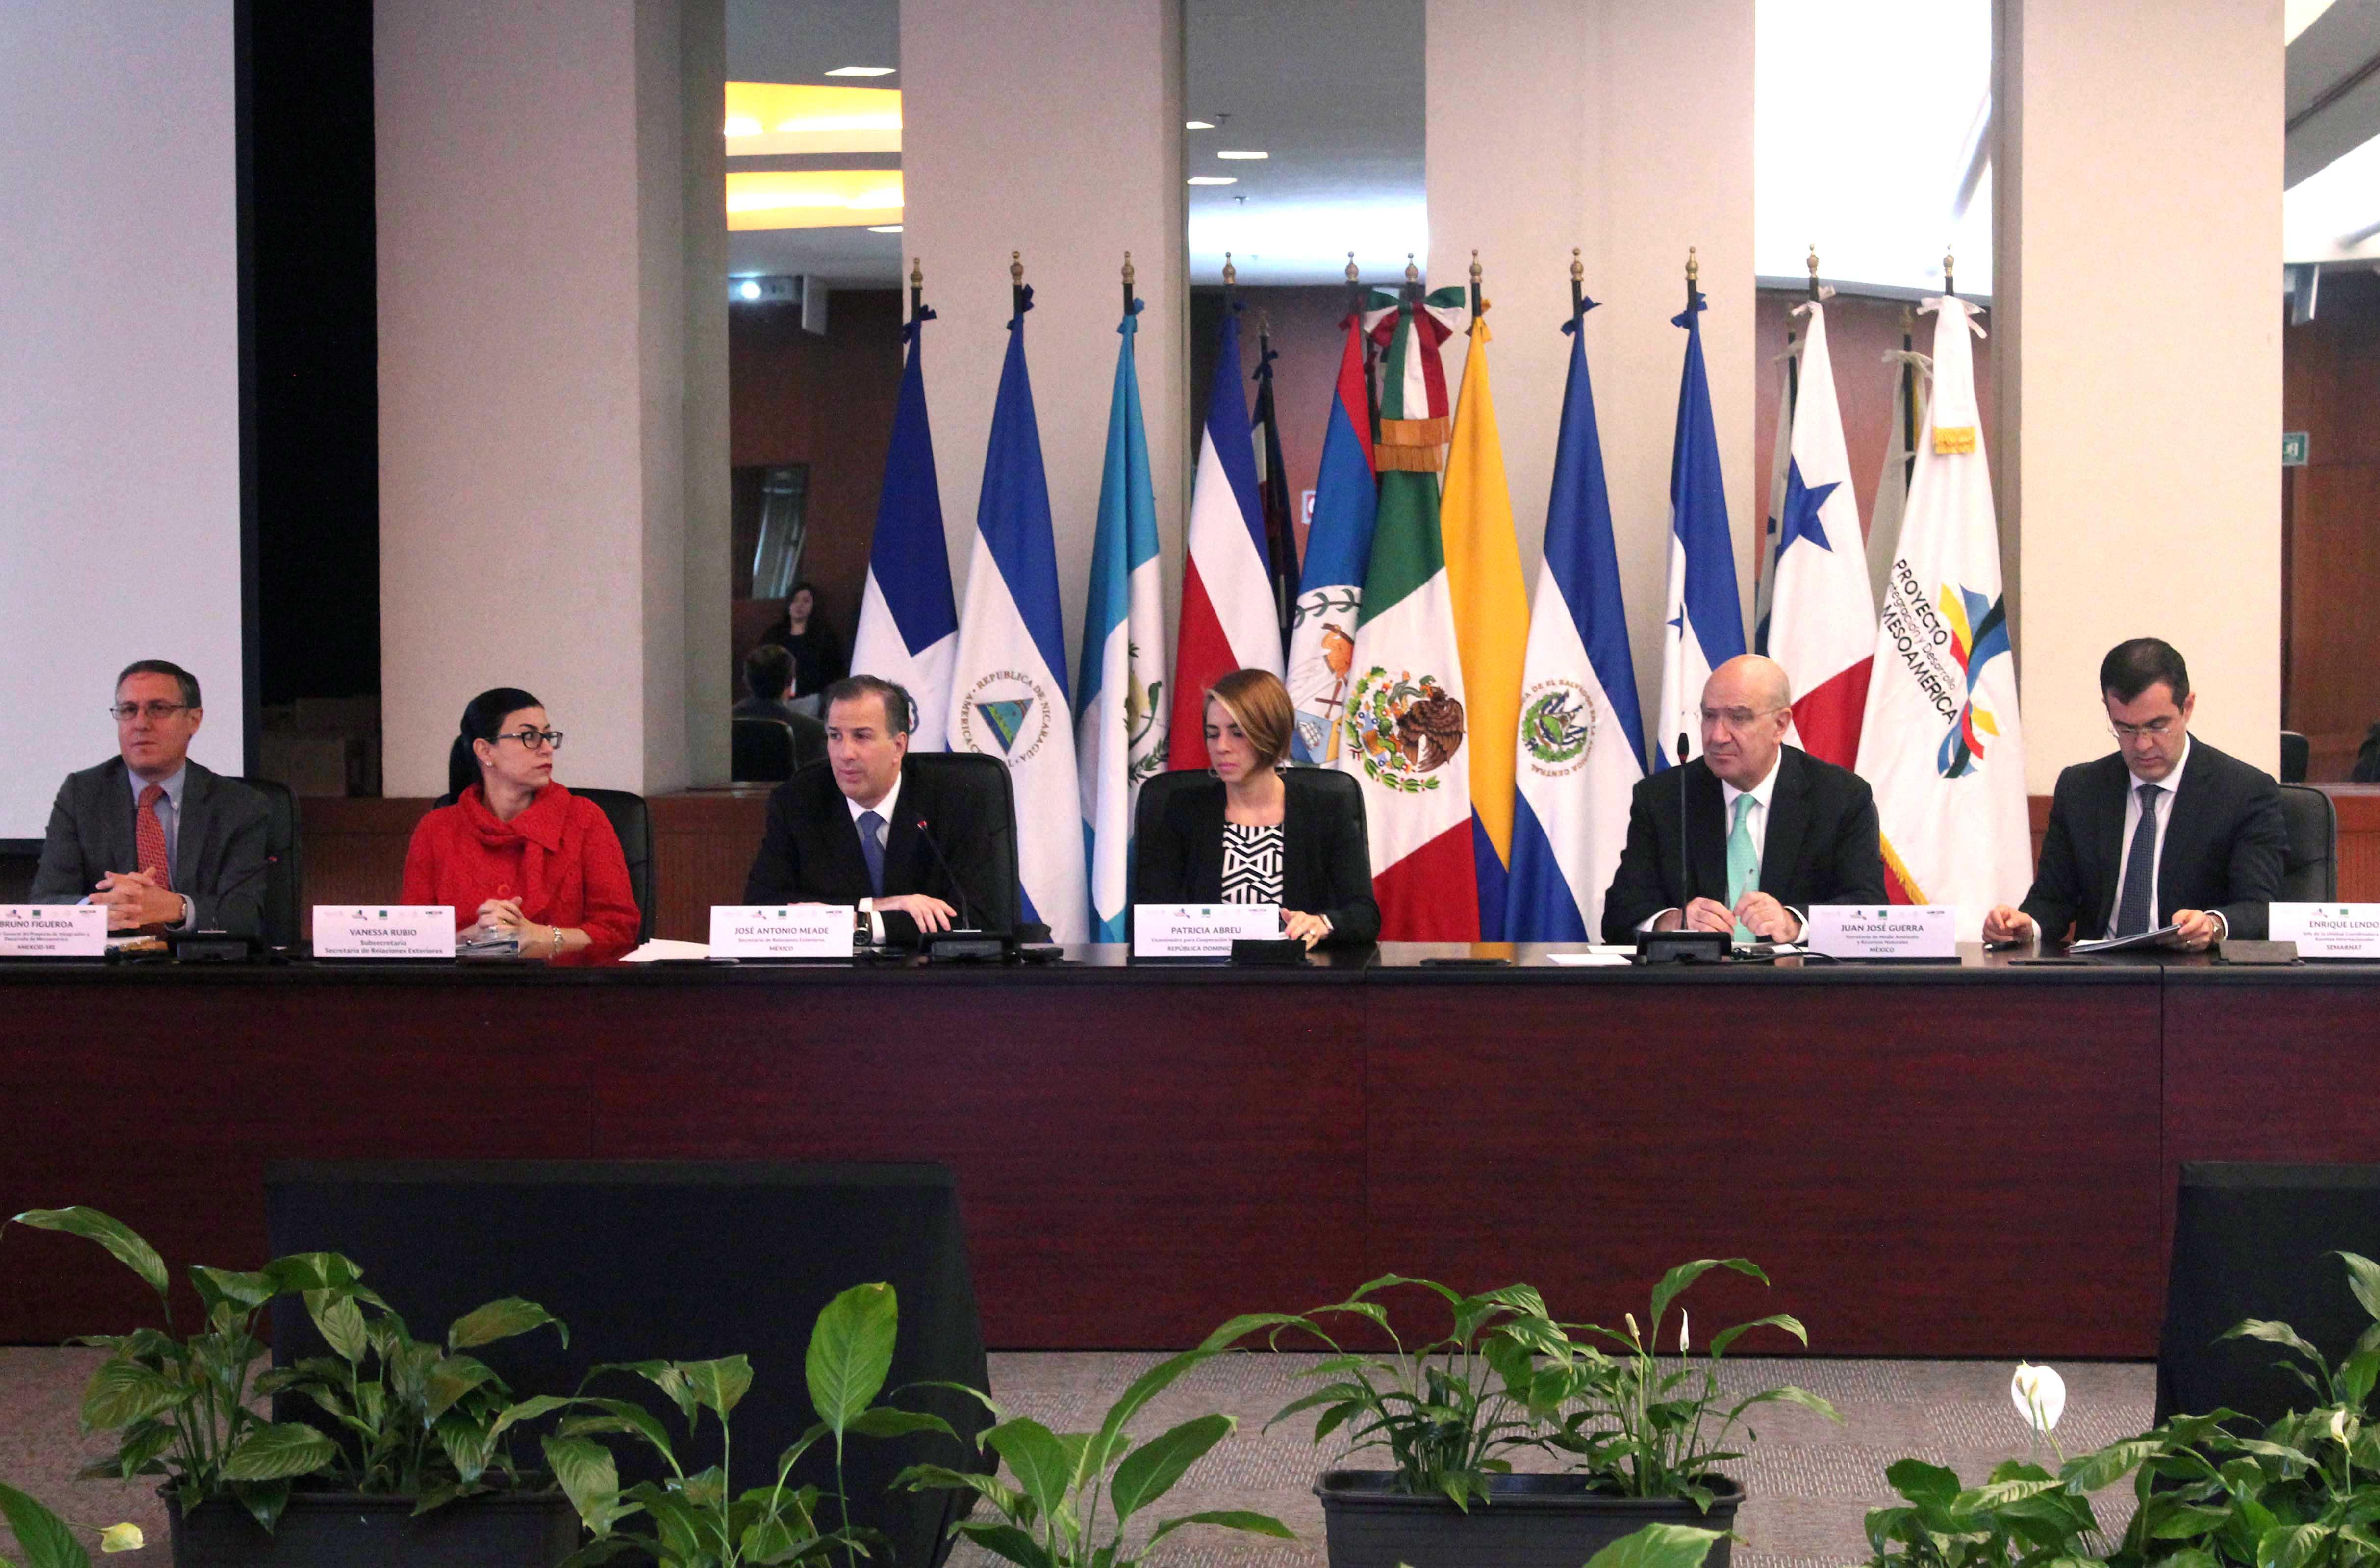 FOTO Canciller Jos  Antonio Meade en la IV Reuni n del Consejo de Ministros de la Estrategia Mesoamericana de Sustentabilidad Ambientaljpg